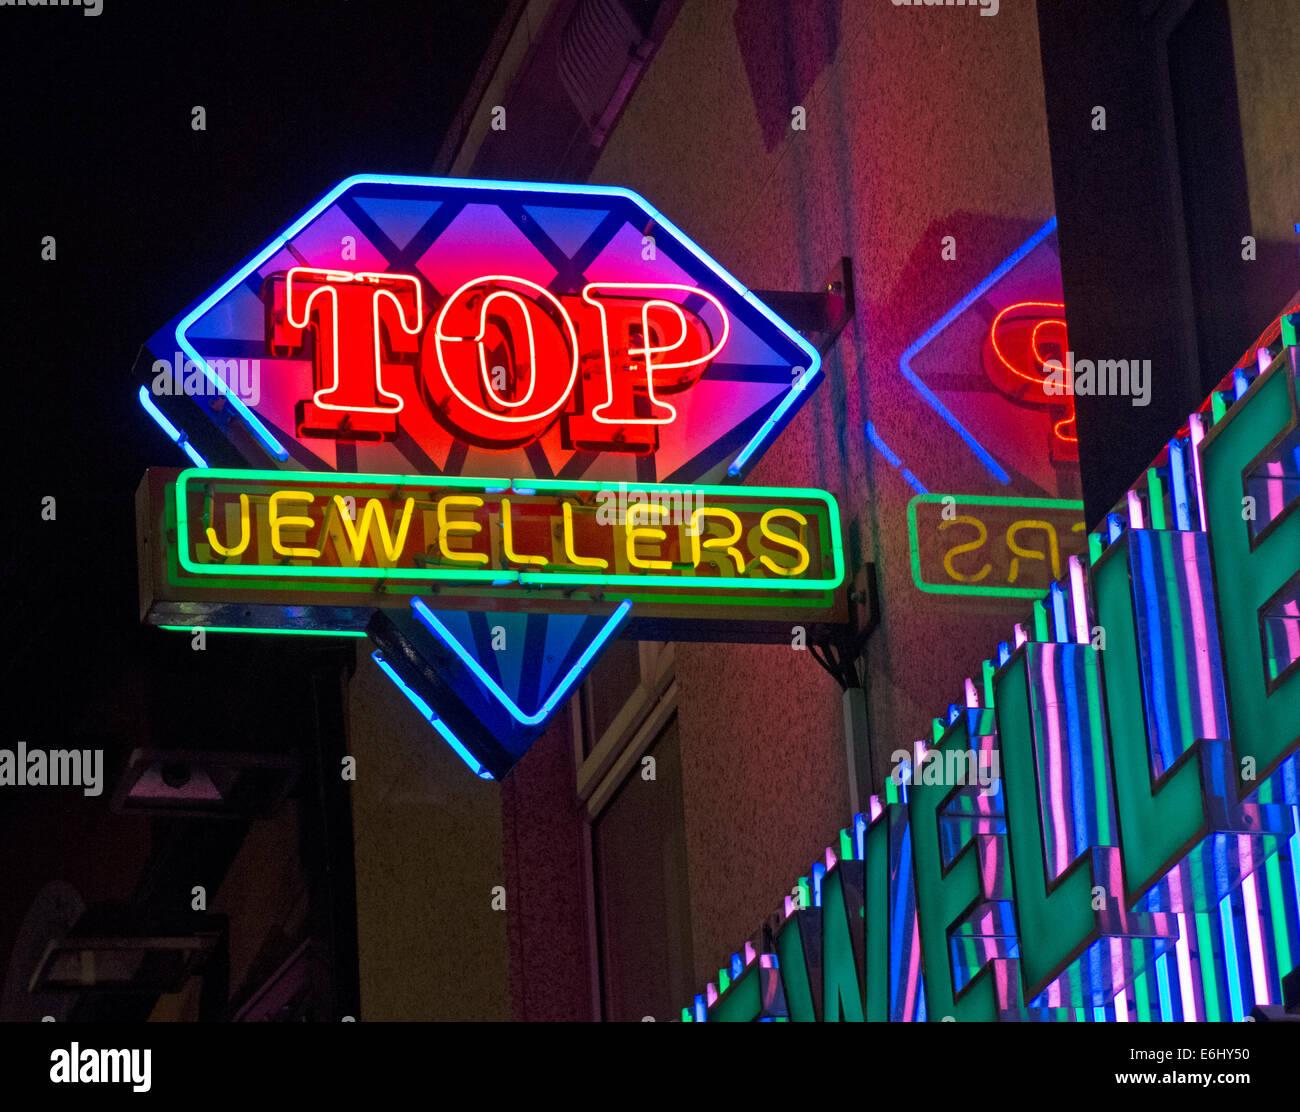 Laden Sie dieses Alamy Stockfoto Top indische Juweliere auf der Rusholme Curry Mile, Manchester City Centre, England in der Nacht - E6HY50